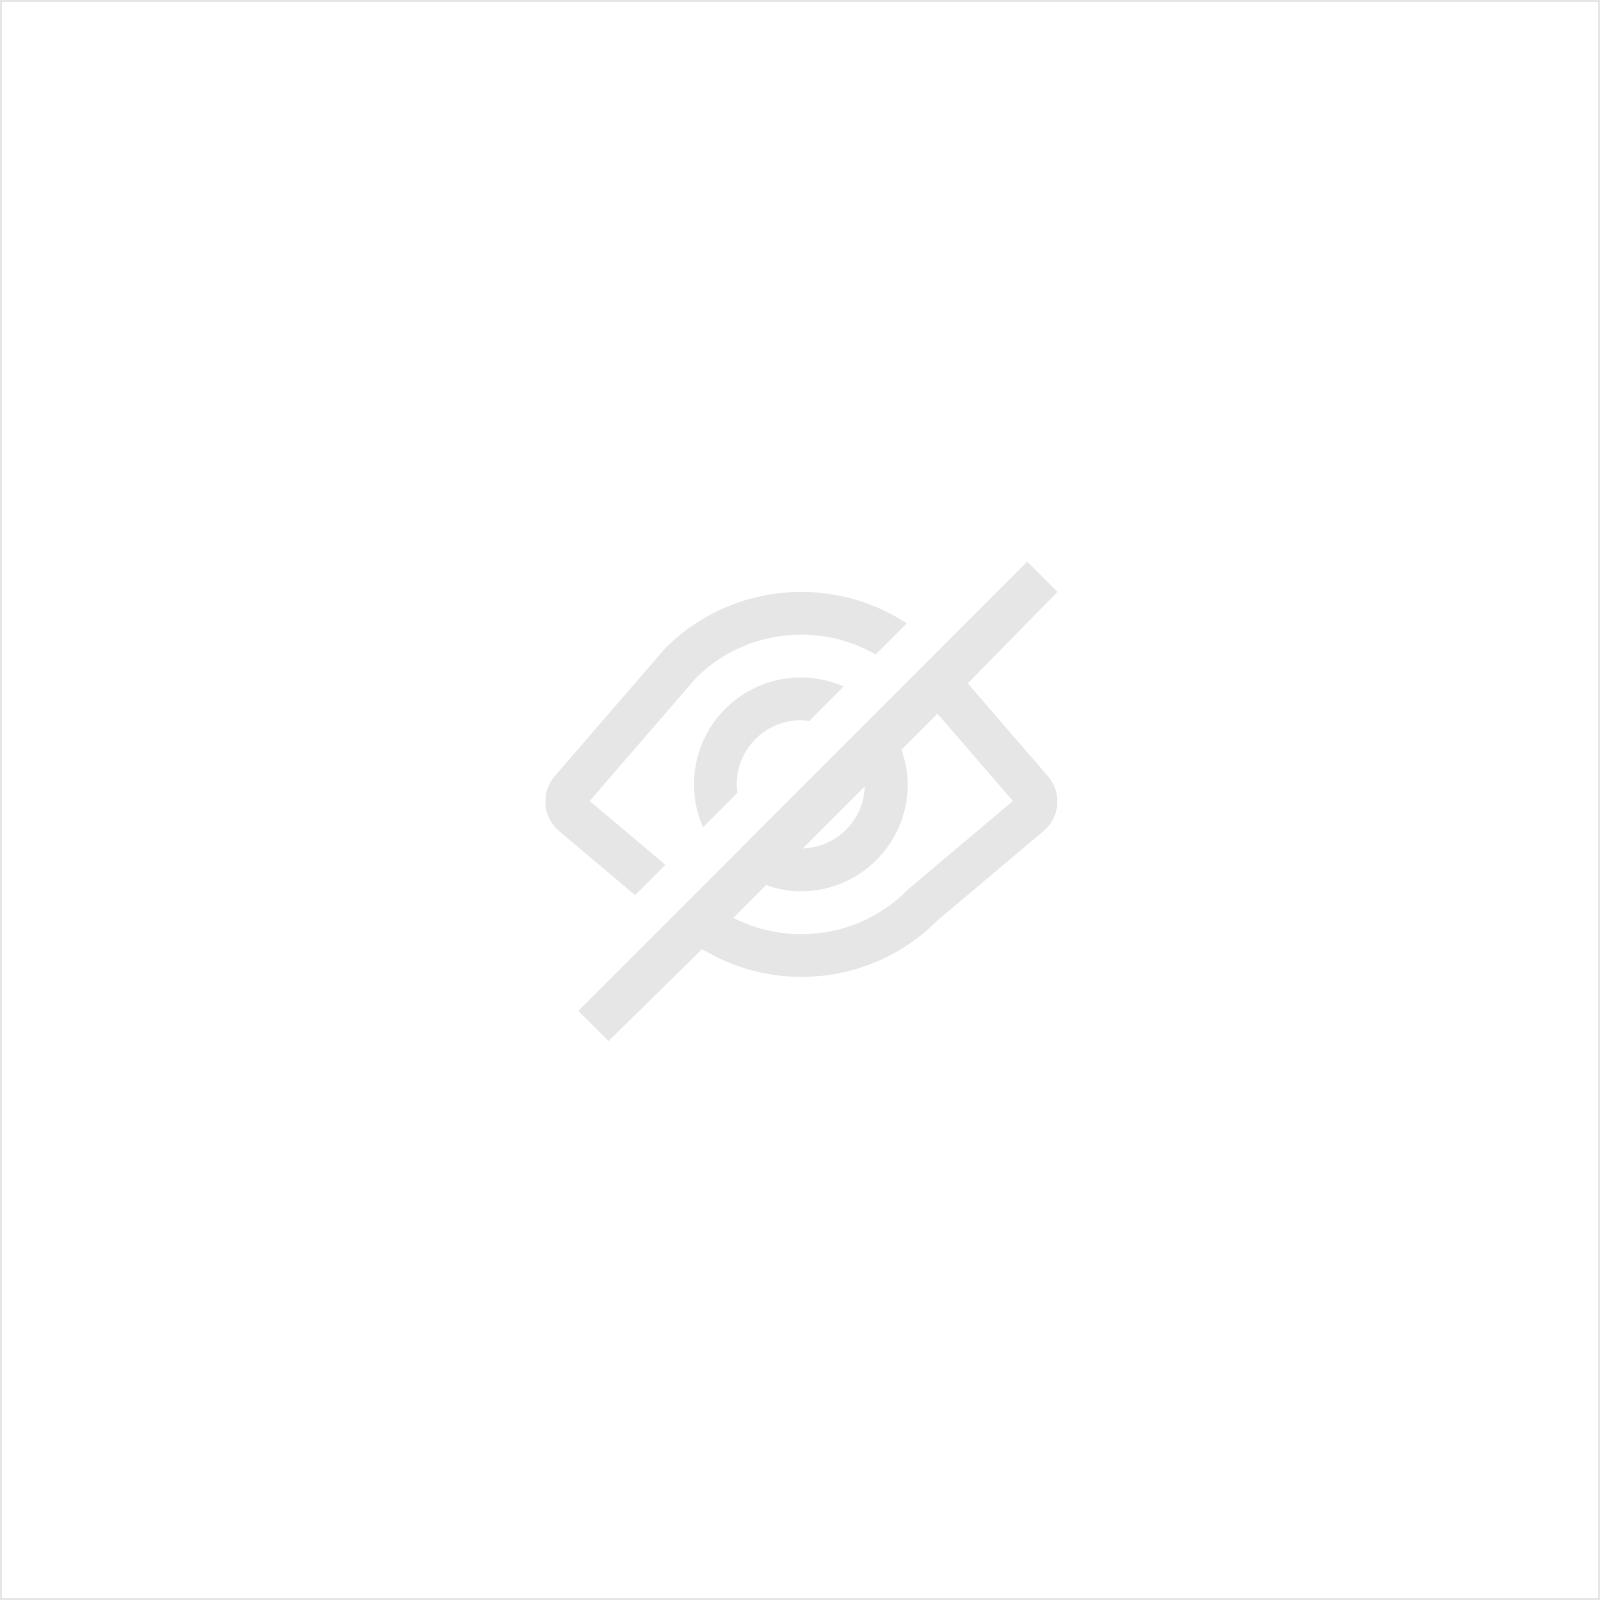 MEGUIAR'S ULTIMATE WIPE PRO (E101)